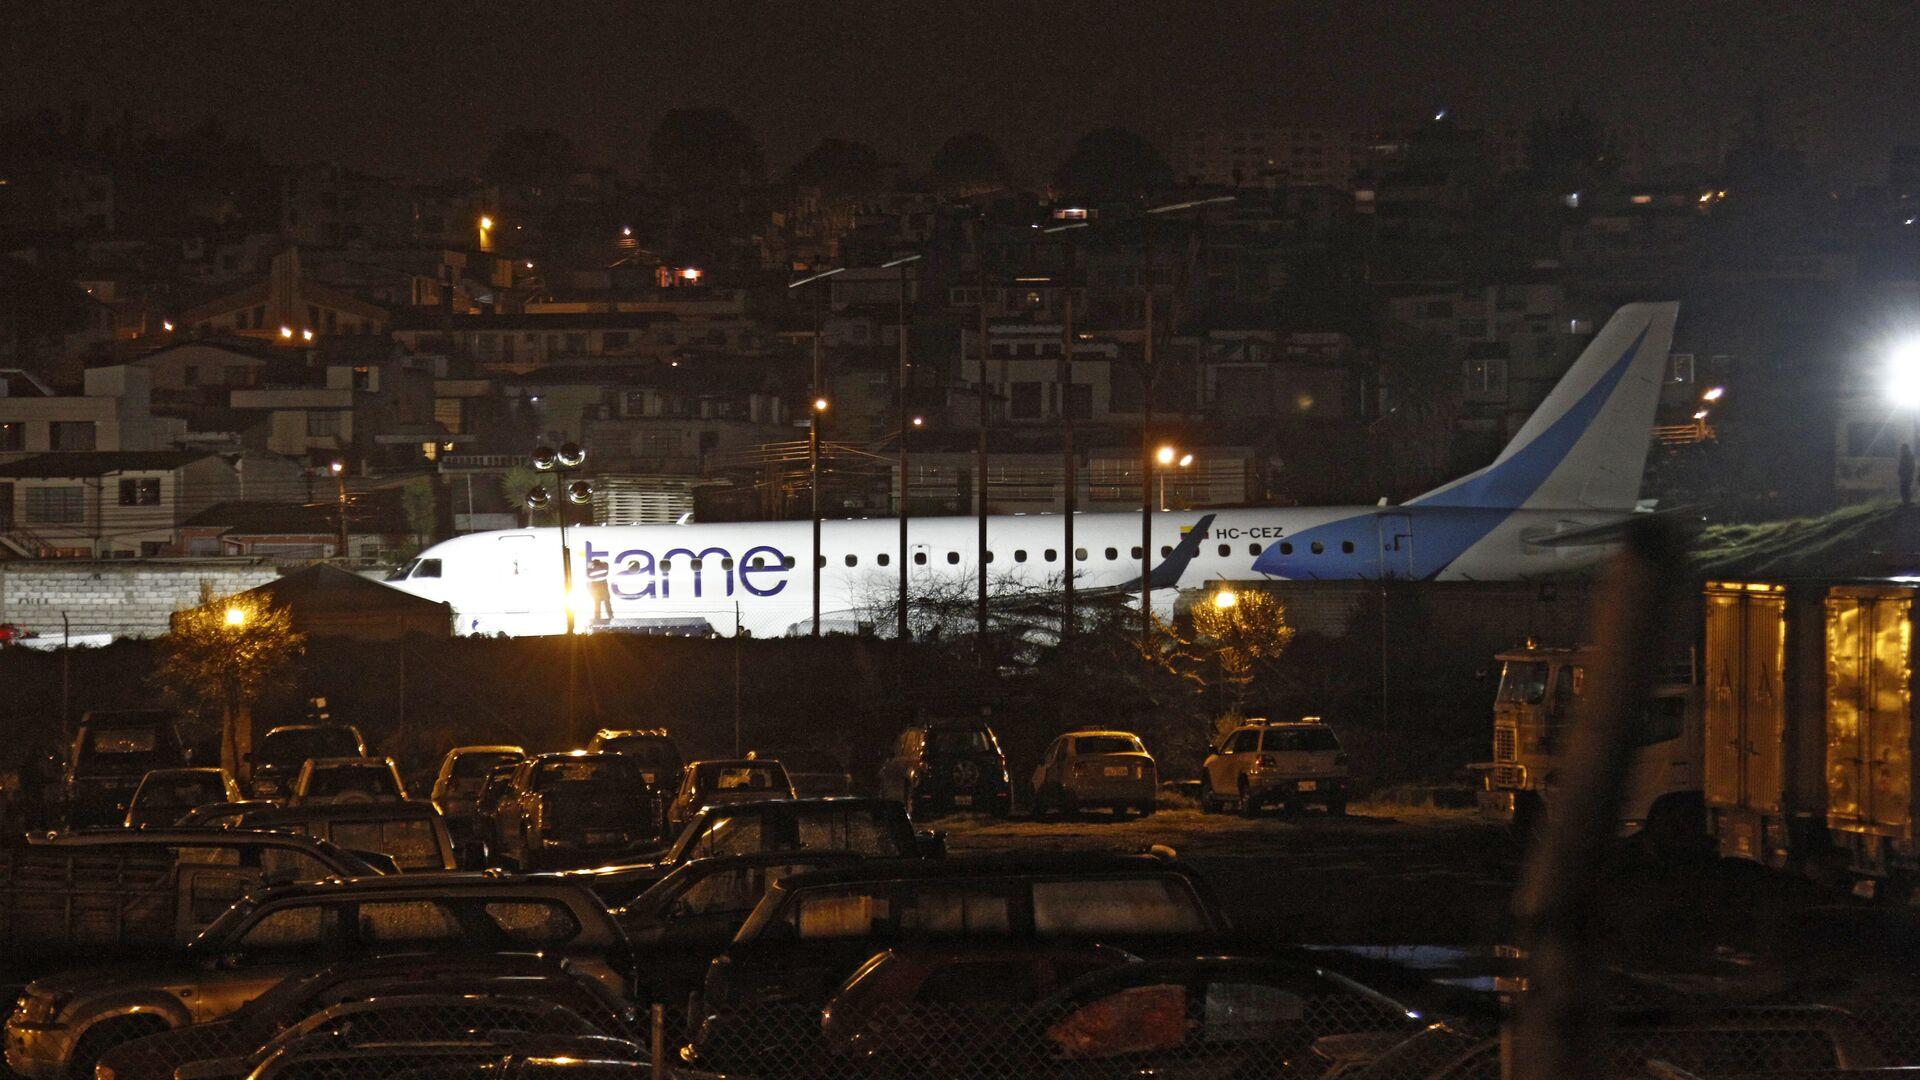 Avión de aerolínea ecuatoriana sale de pista en Aeropuerto internacional de Quito - Sputnik Mundo, 1920, 07.04.2021